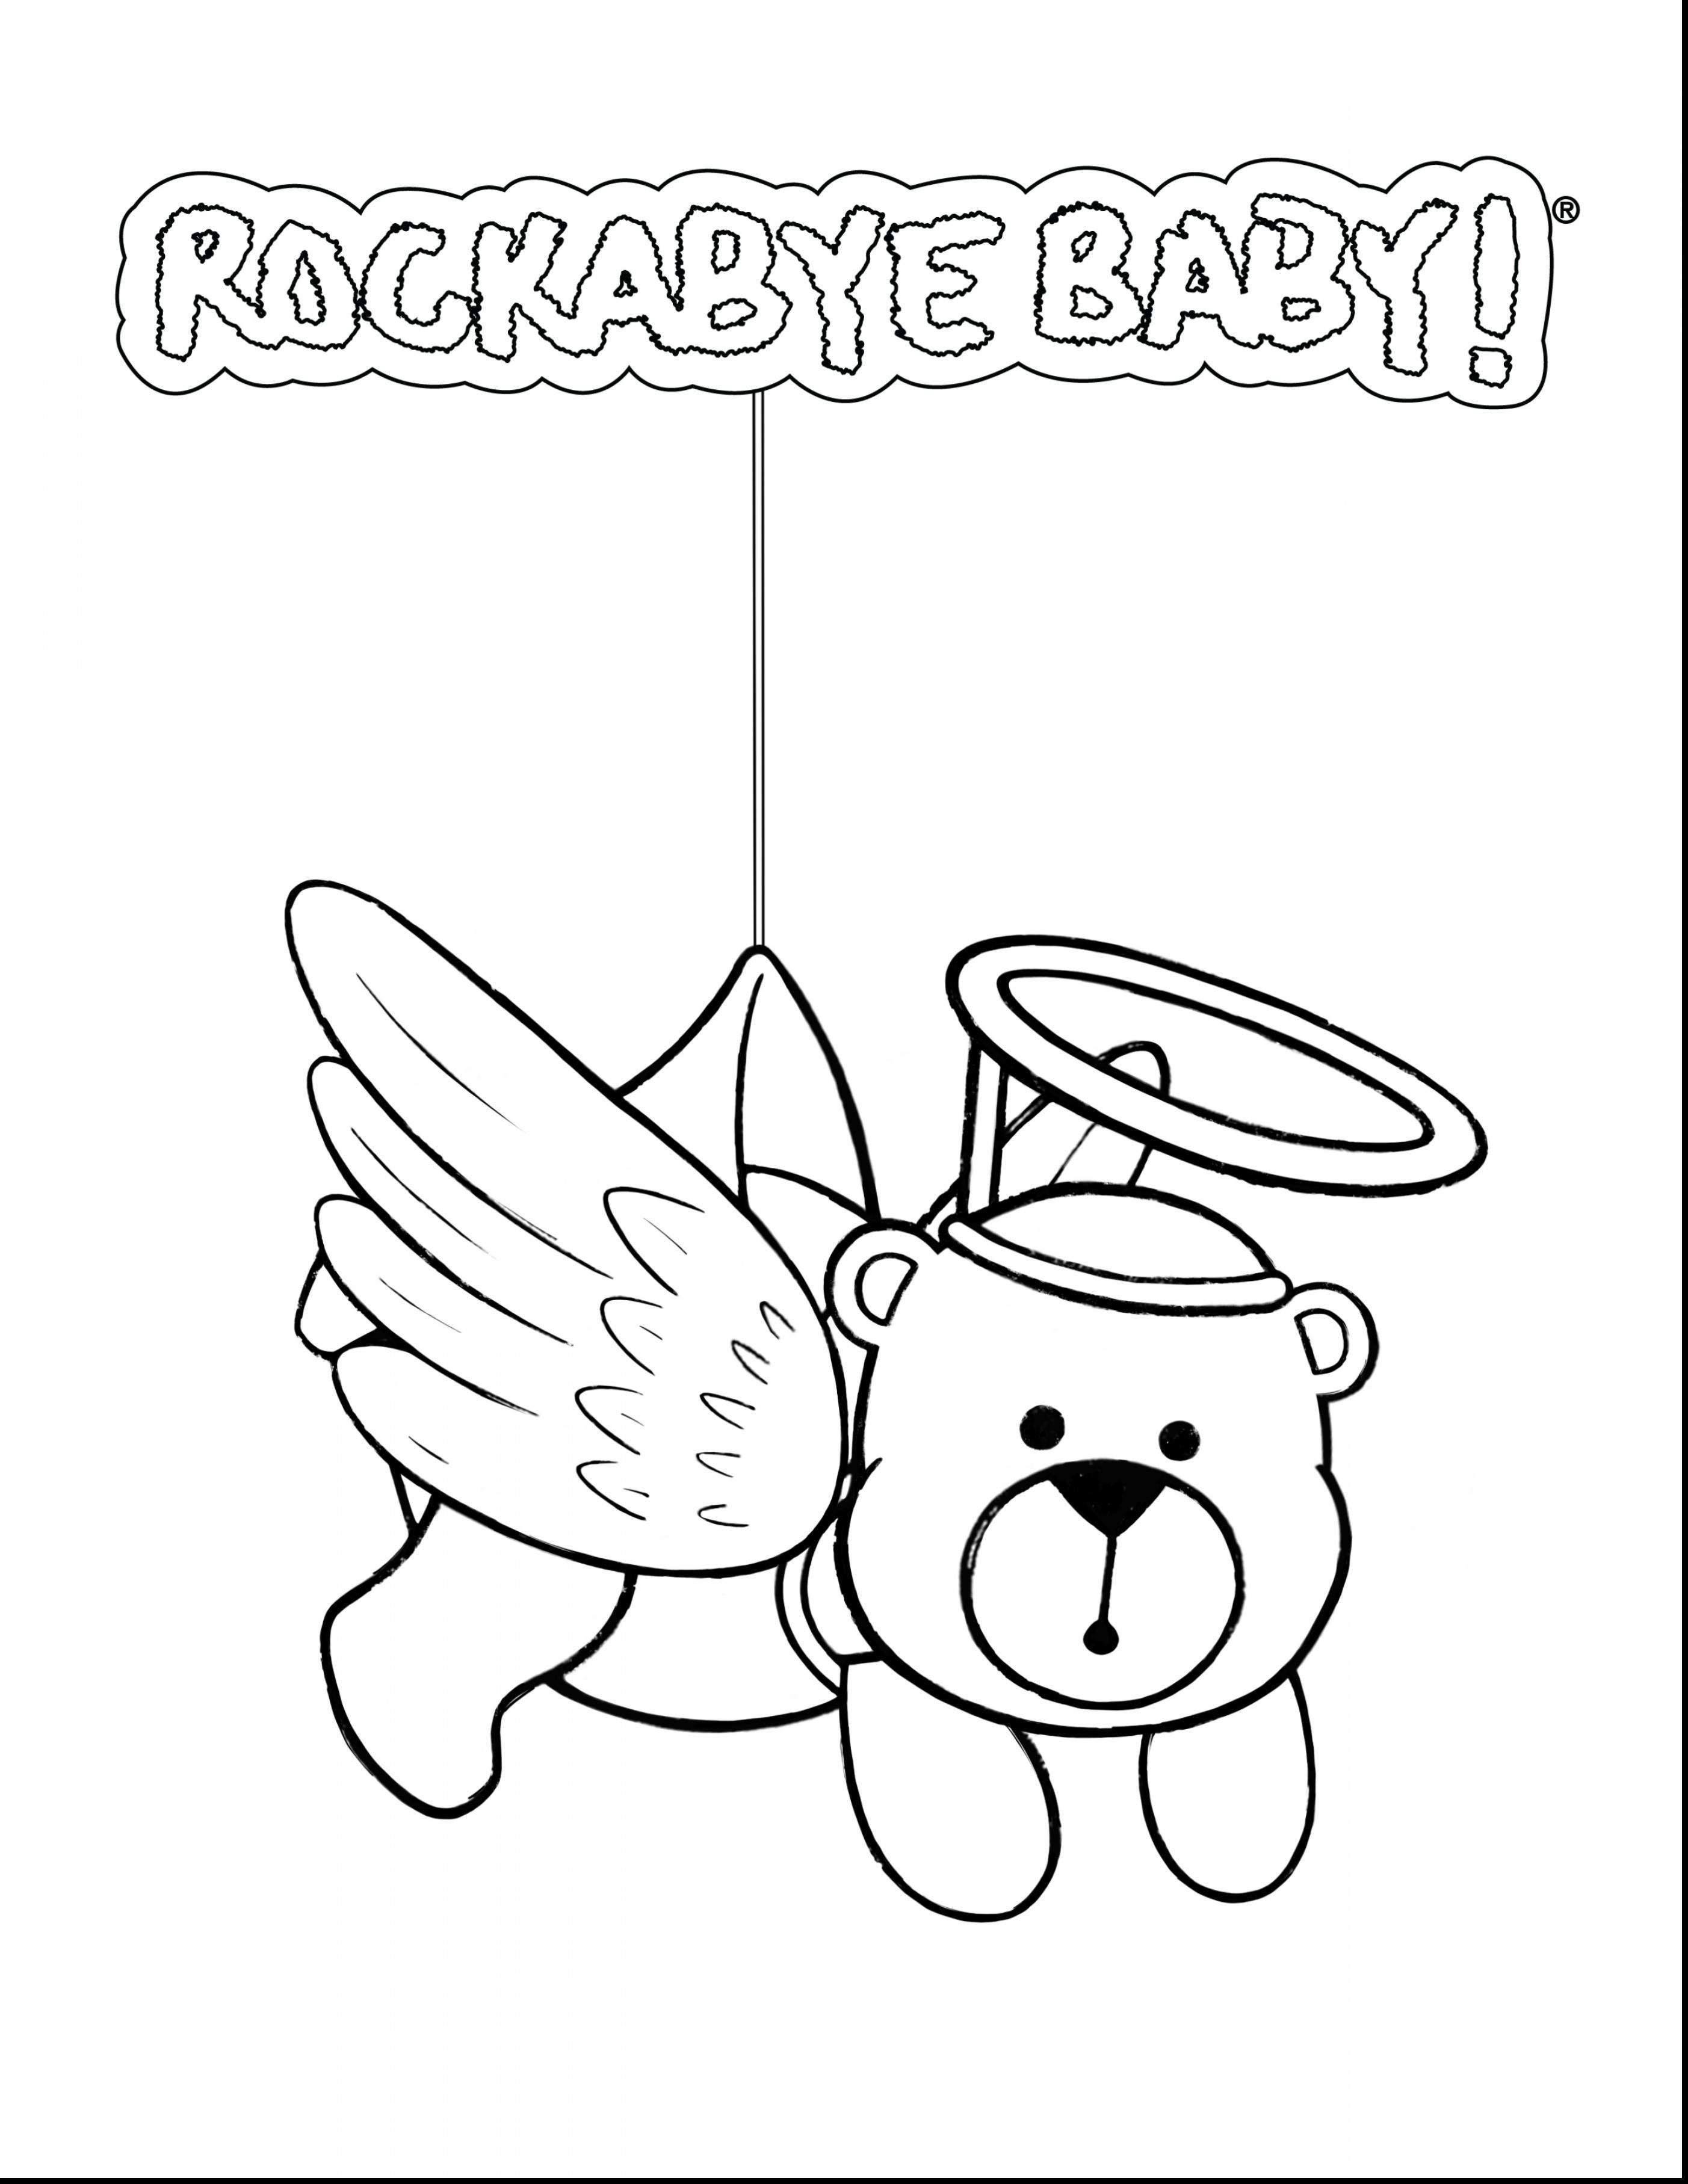 Nicki Minaj Cartoon Drawing at GetDrawings.com | Free for personal ...